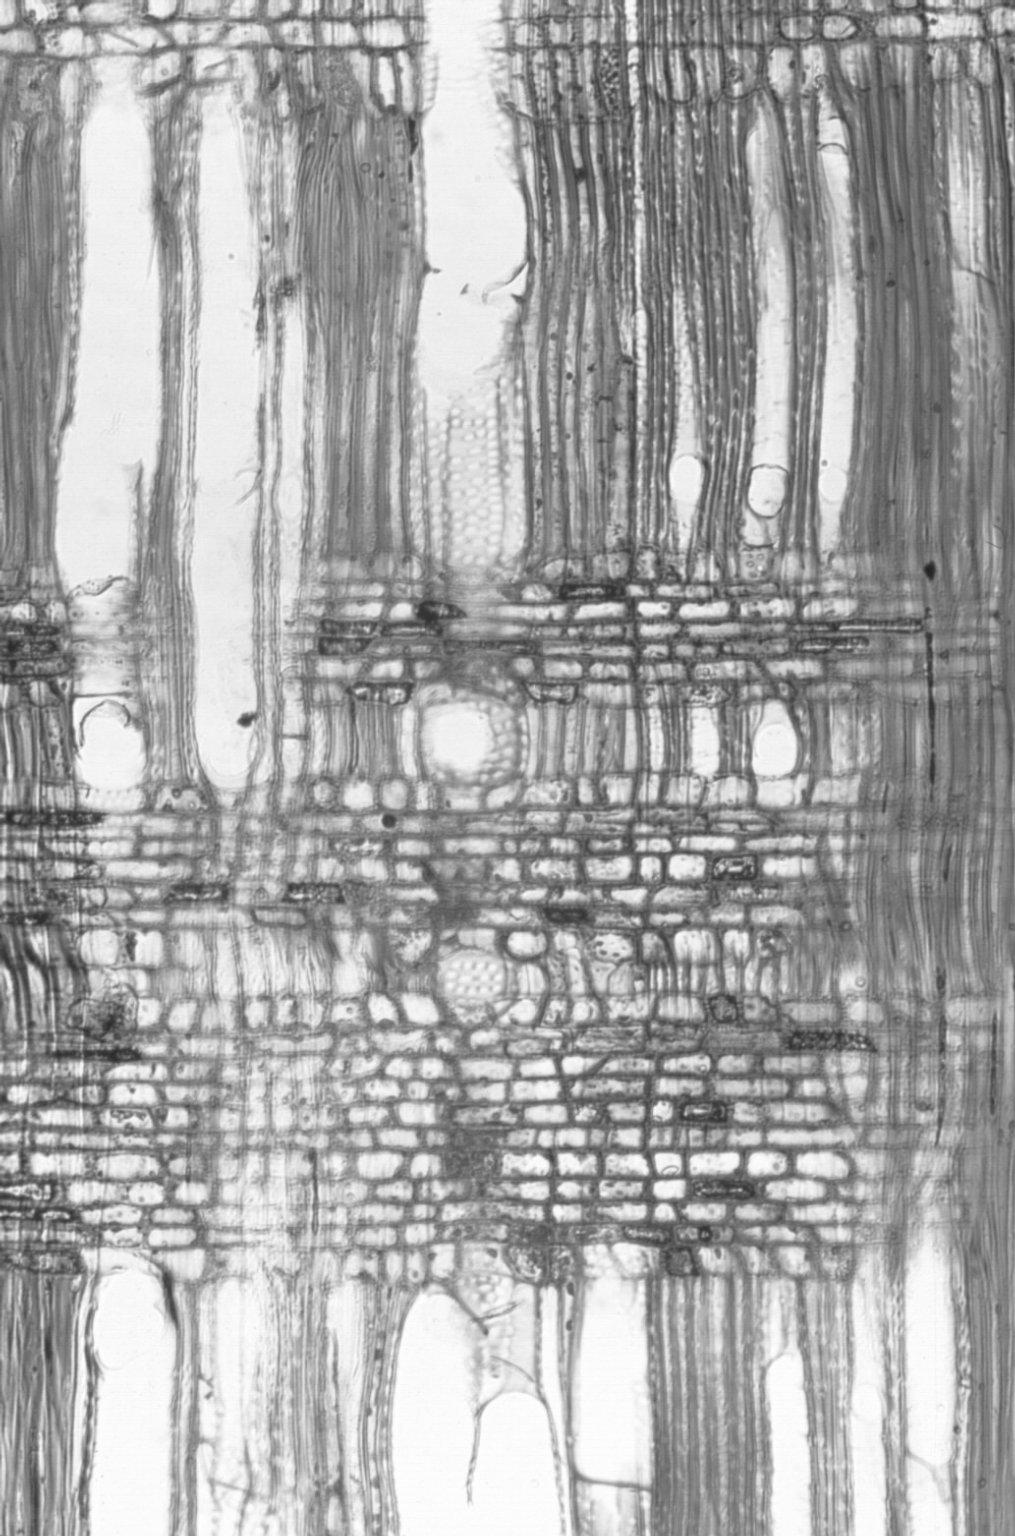 OLEACEAE Ligustrum vulgare